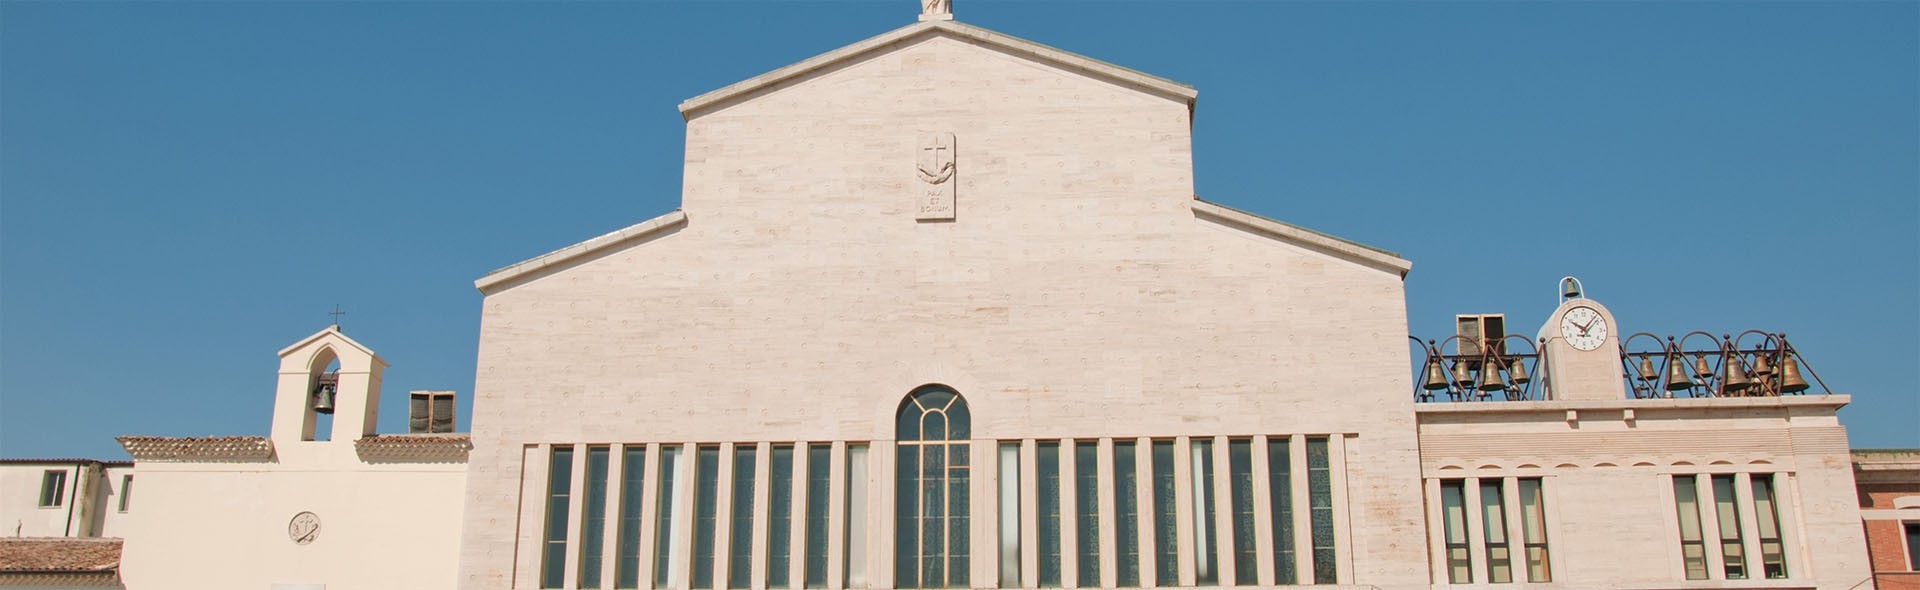 Pellegrinaggio Padre Pio da Palermo in Aereo Settembre